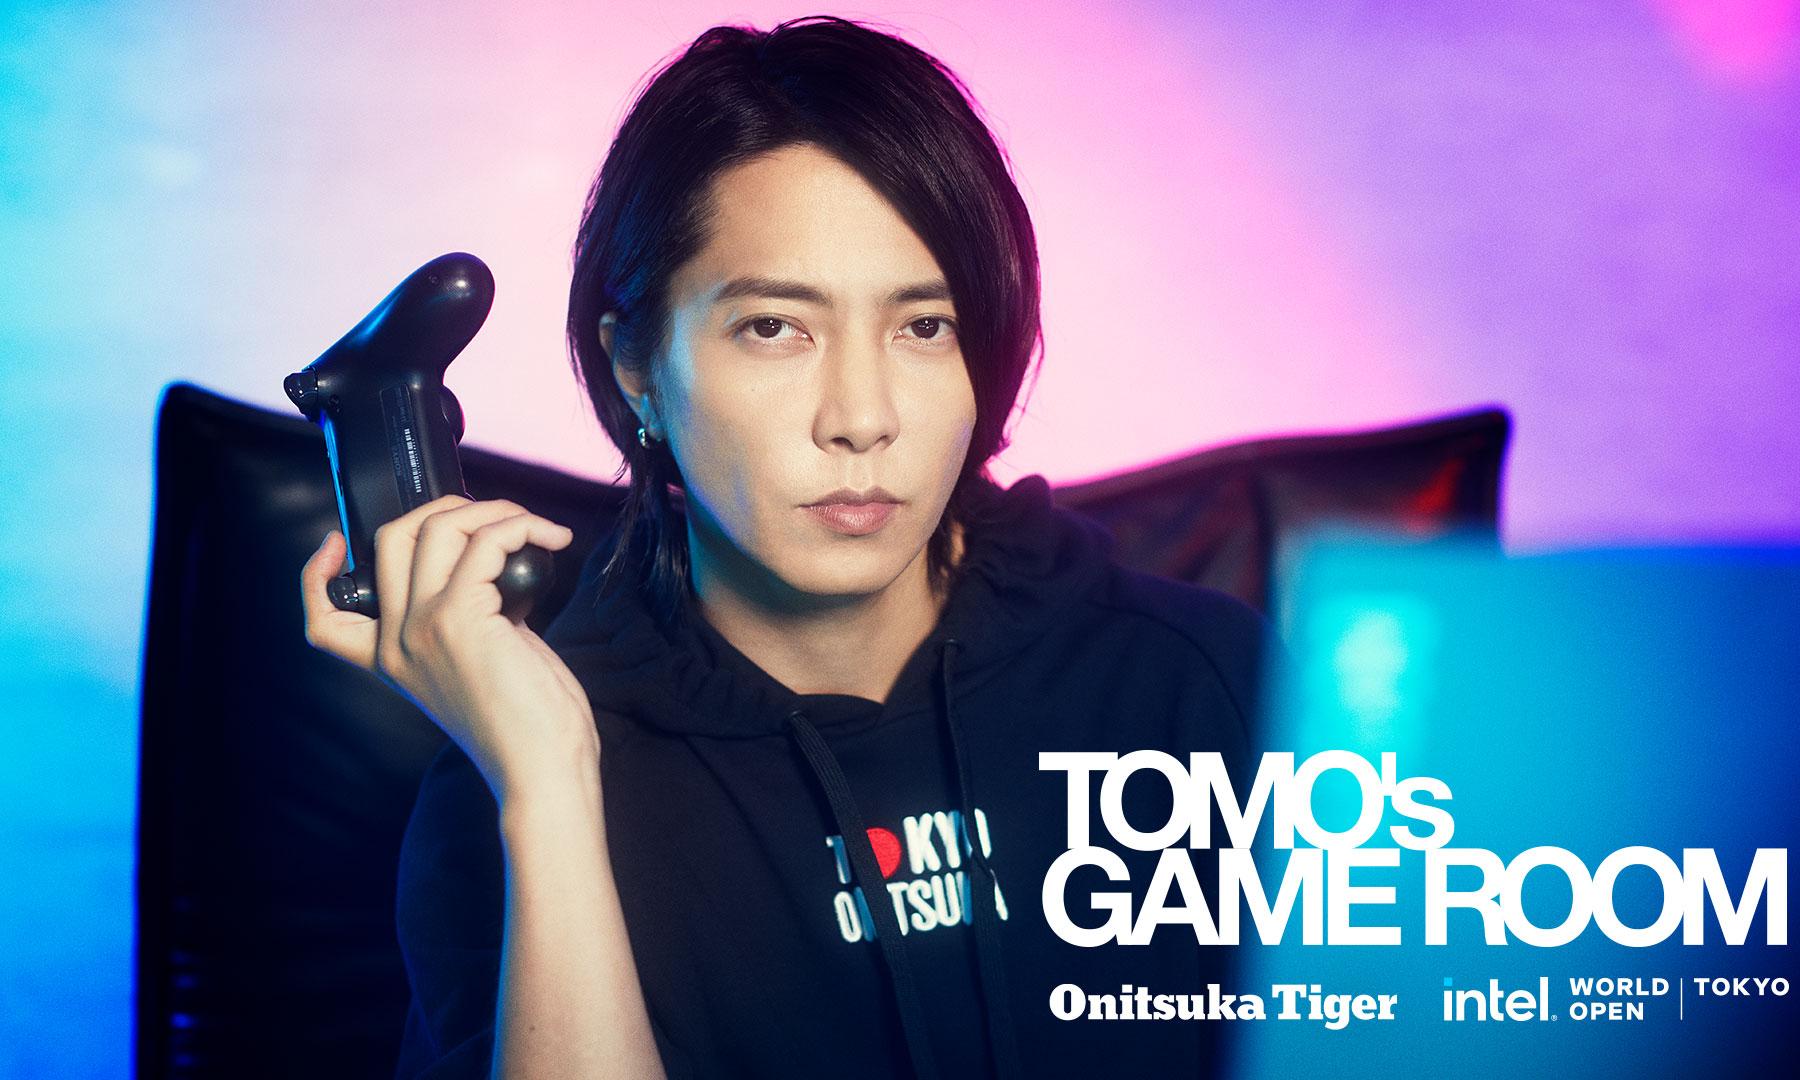 Onitsuka Tiger 公布英特尔世界公开赛官方制服